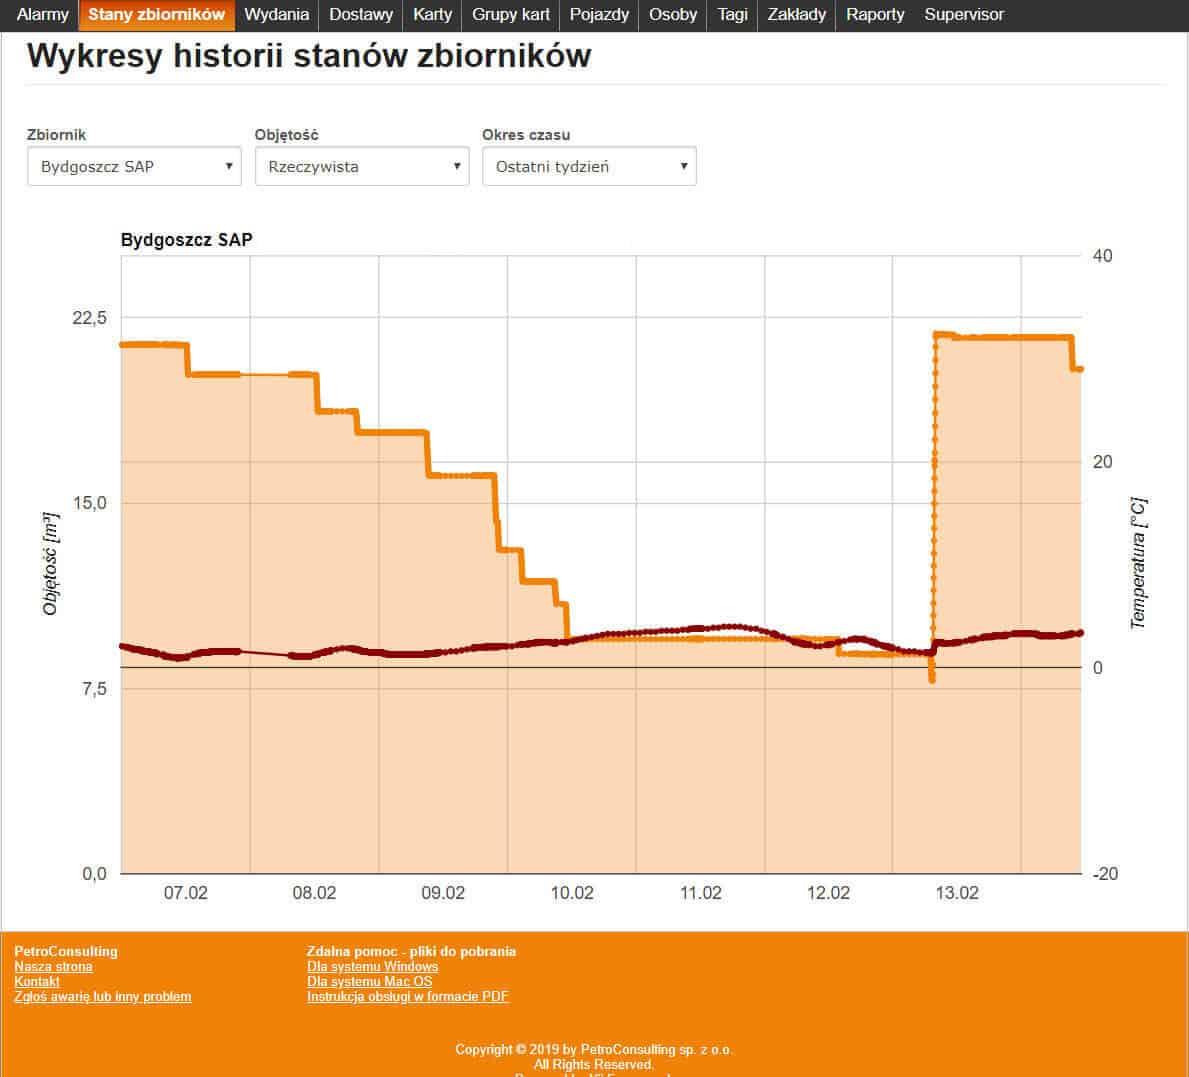 Wykresy historii stanów zbiorników